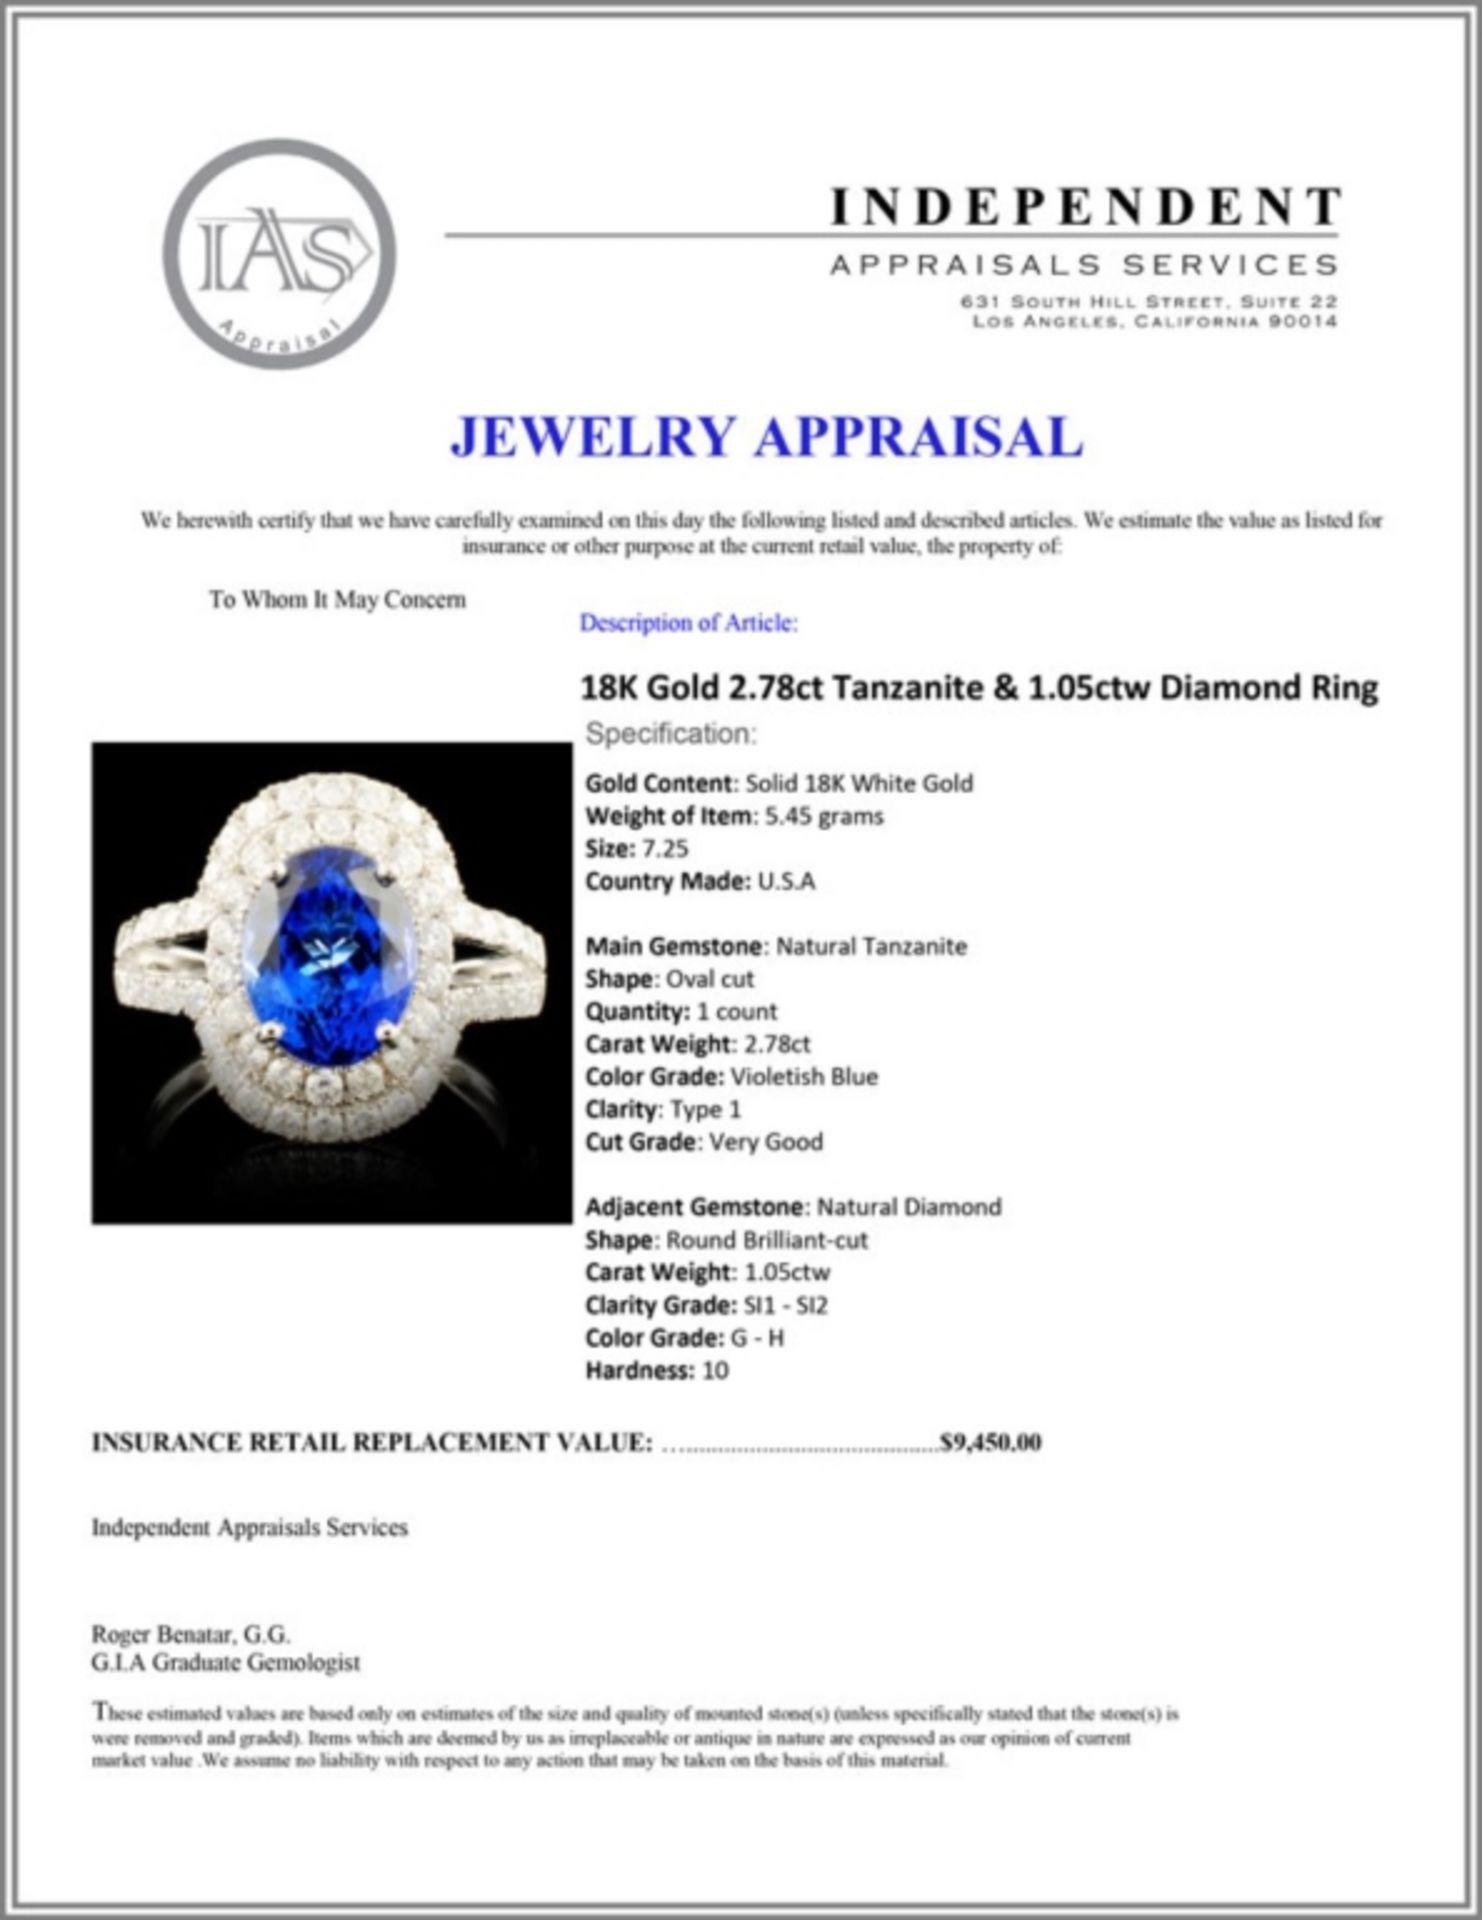 18K Gold 2.78ct Tanzanite & 1.05ctw Diamond Ring - Image 5 of 5